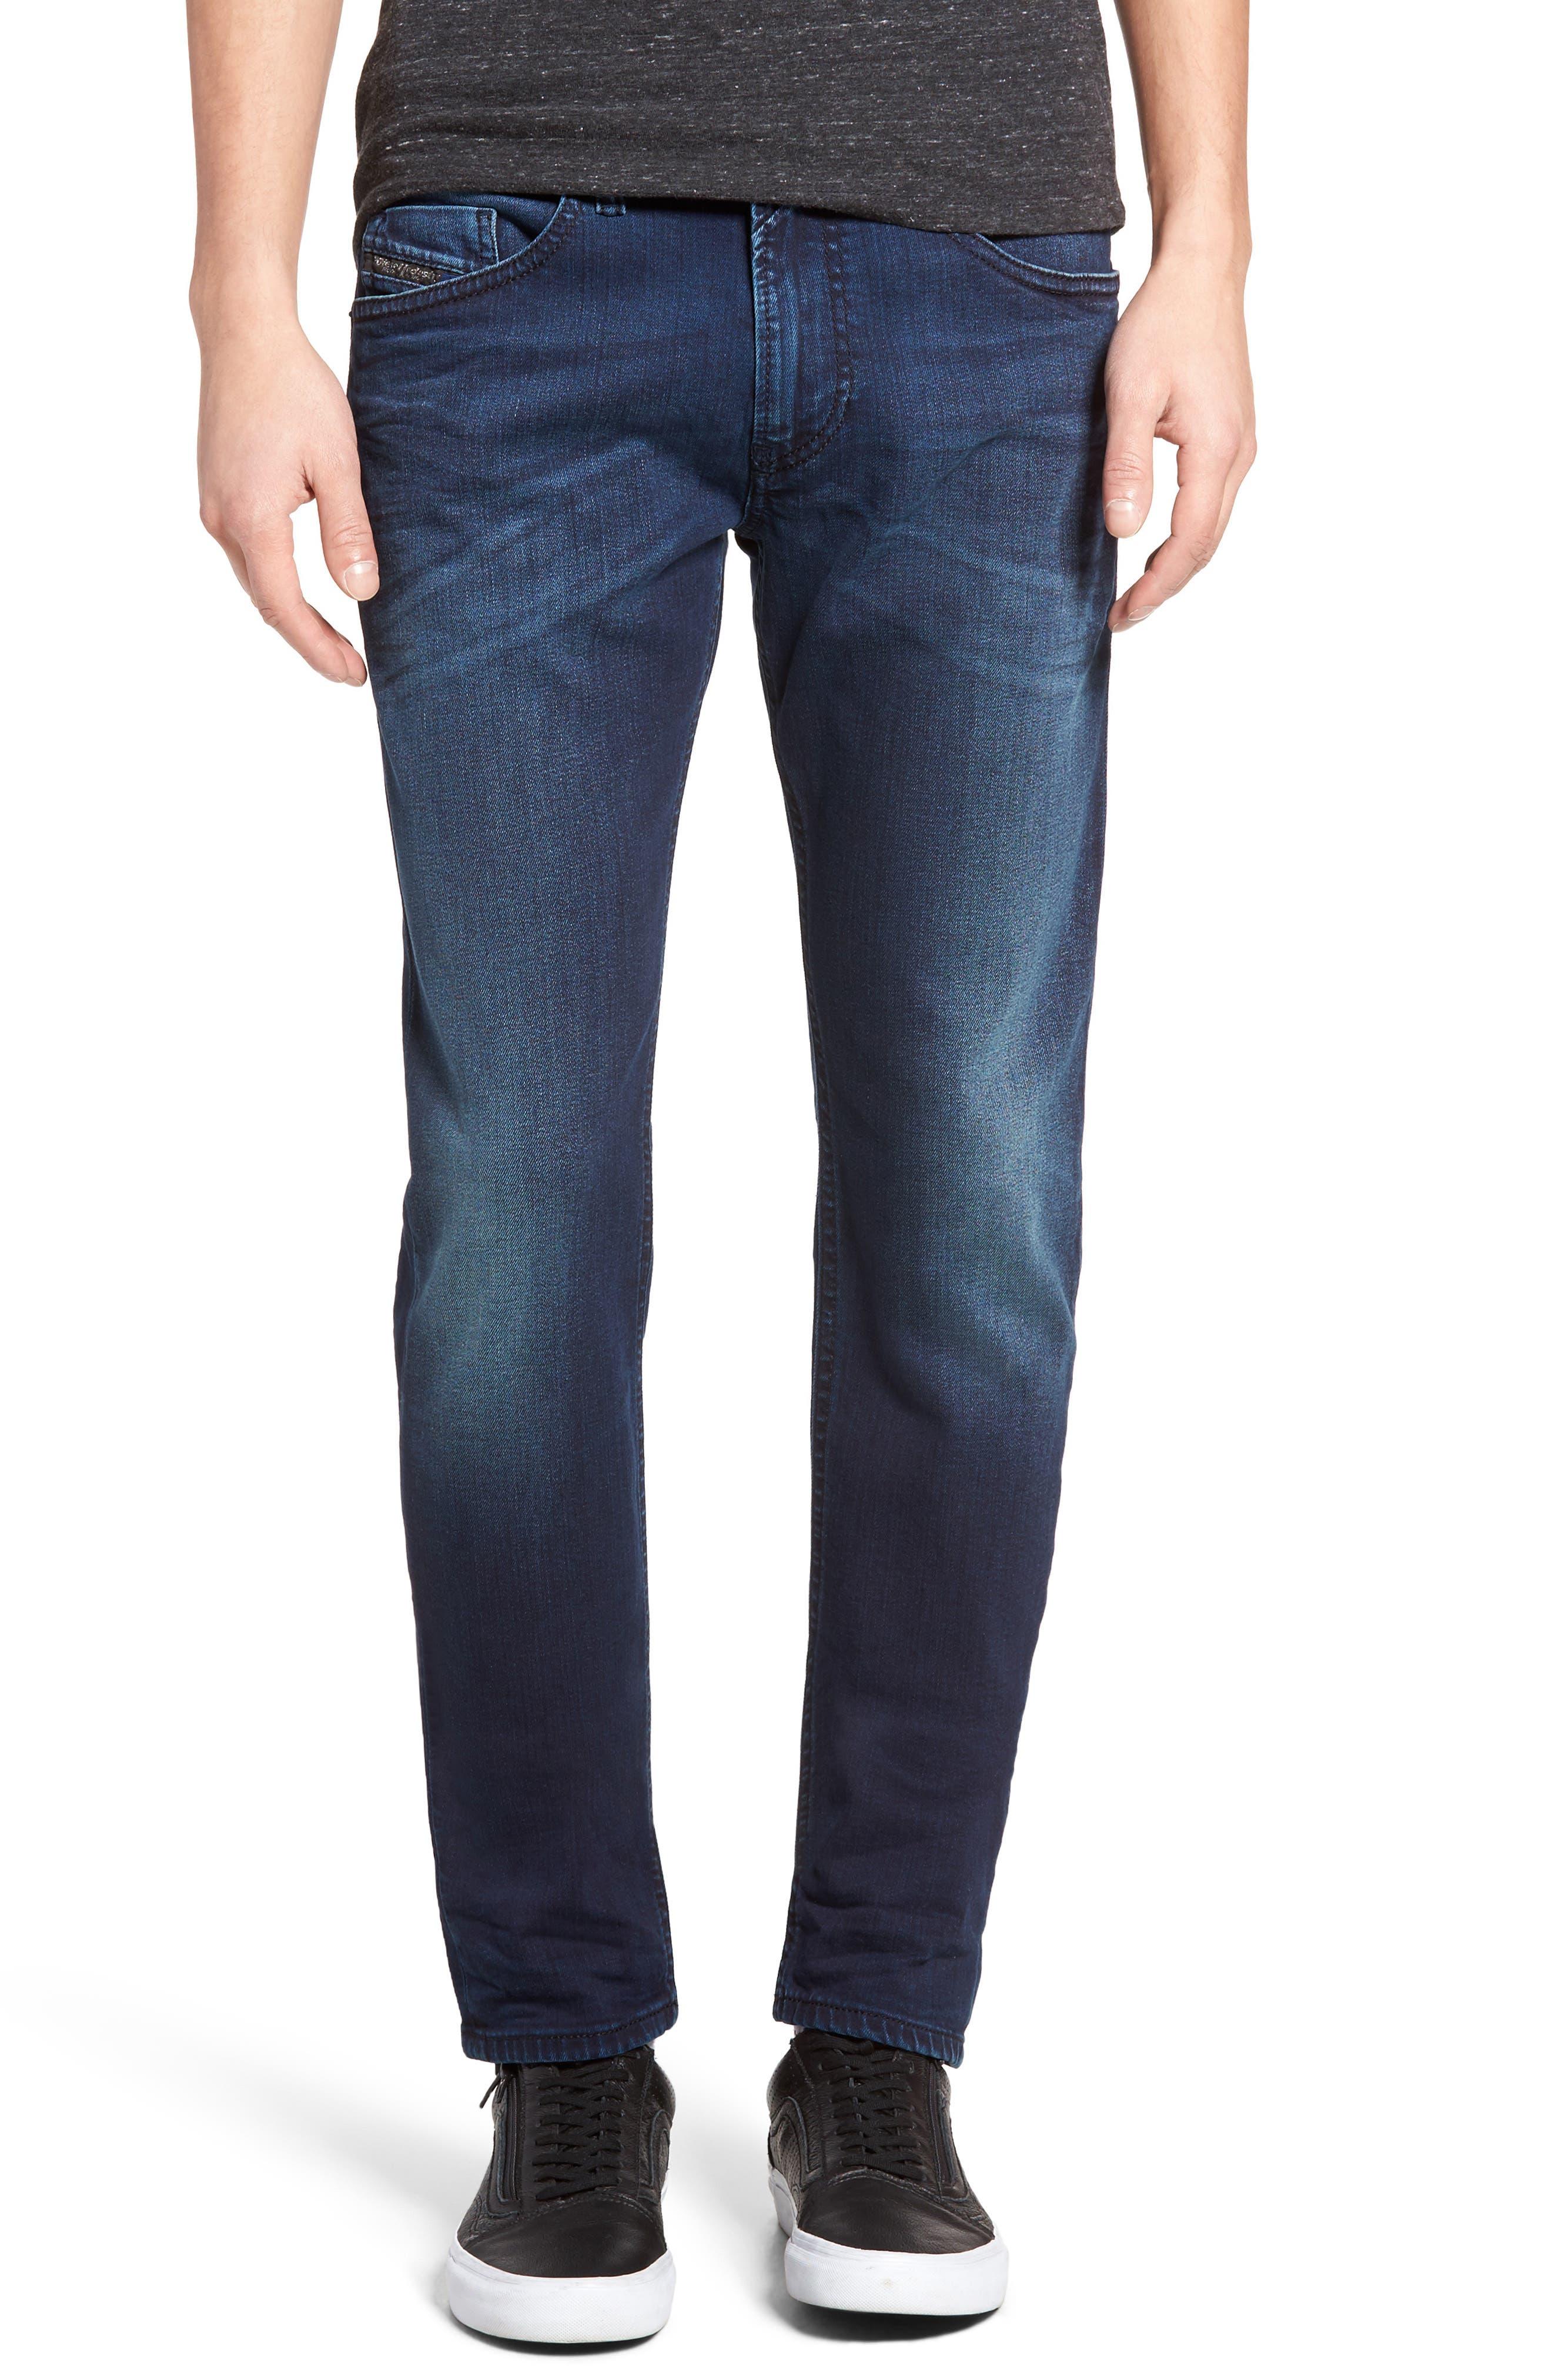 Alternate Image 1 Selected - DIESEL® Thommer Skinny Fit Jeans (084BV)